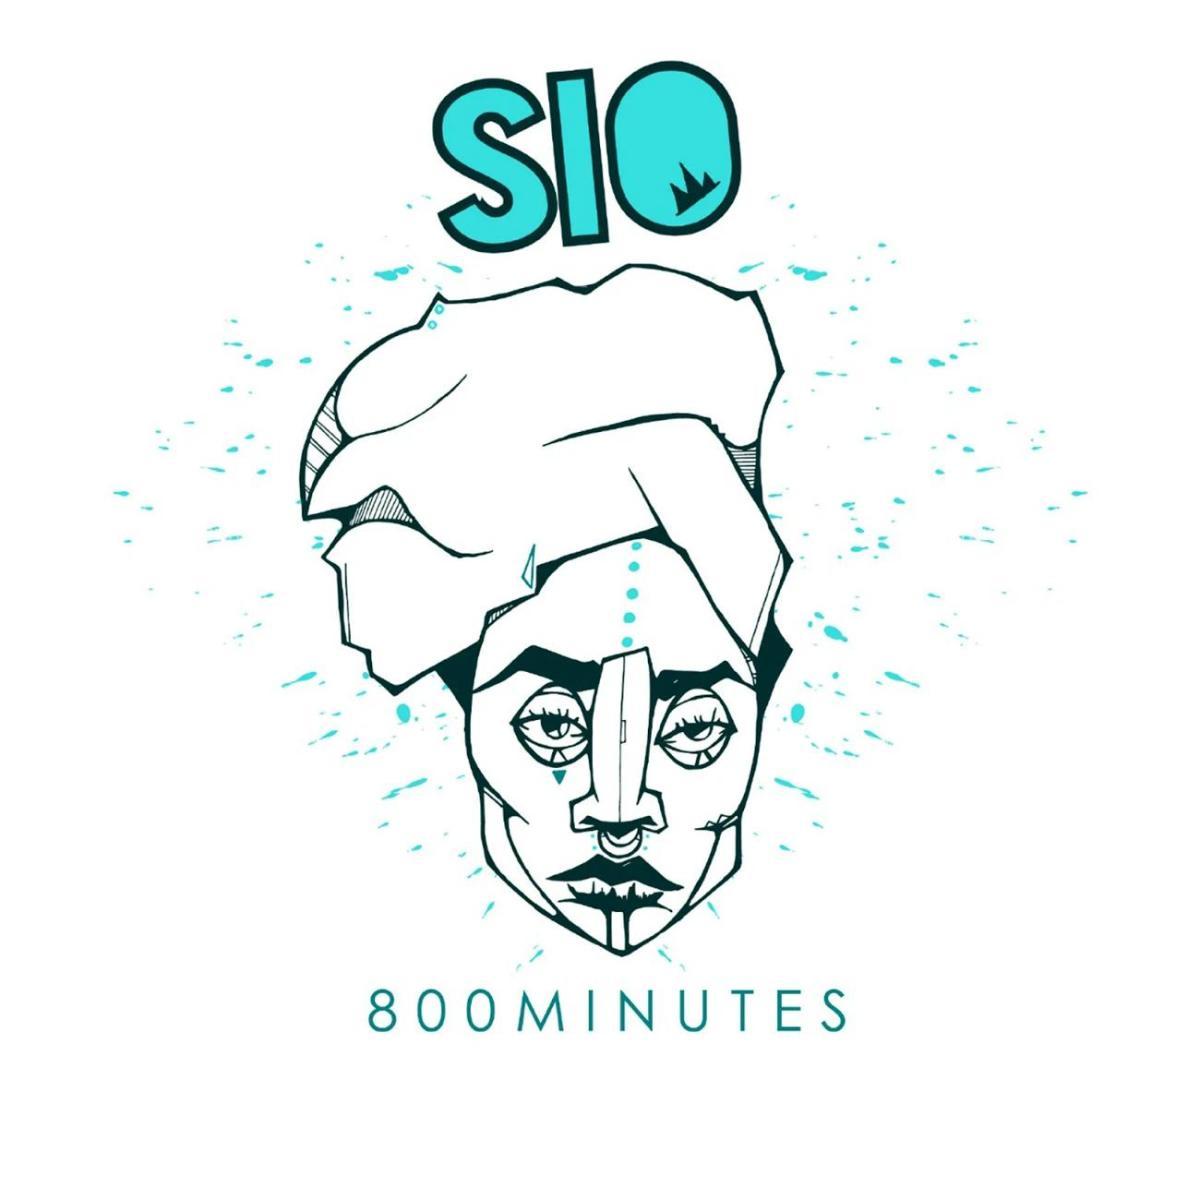 Sio - 800 Minutes (Cuebur Remix)